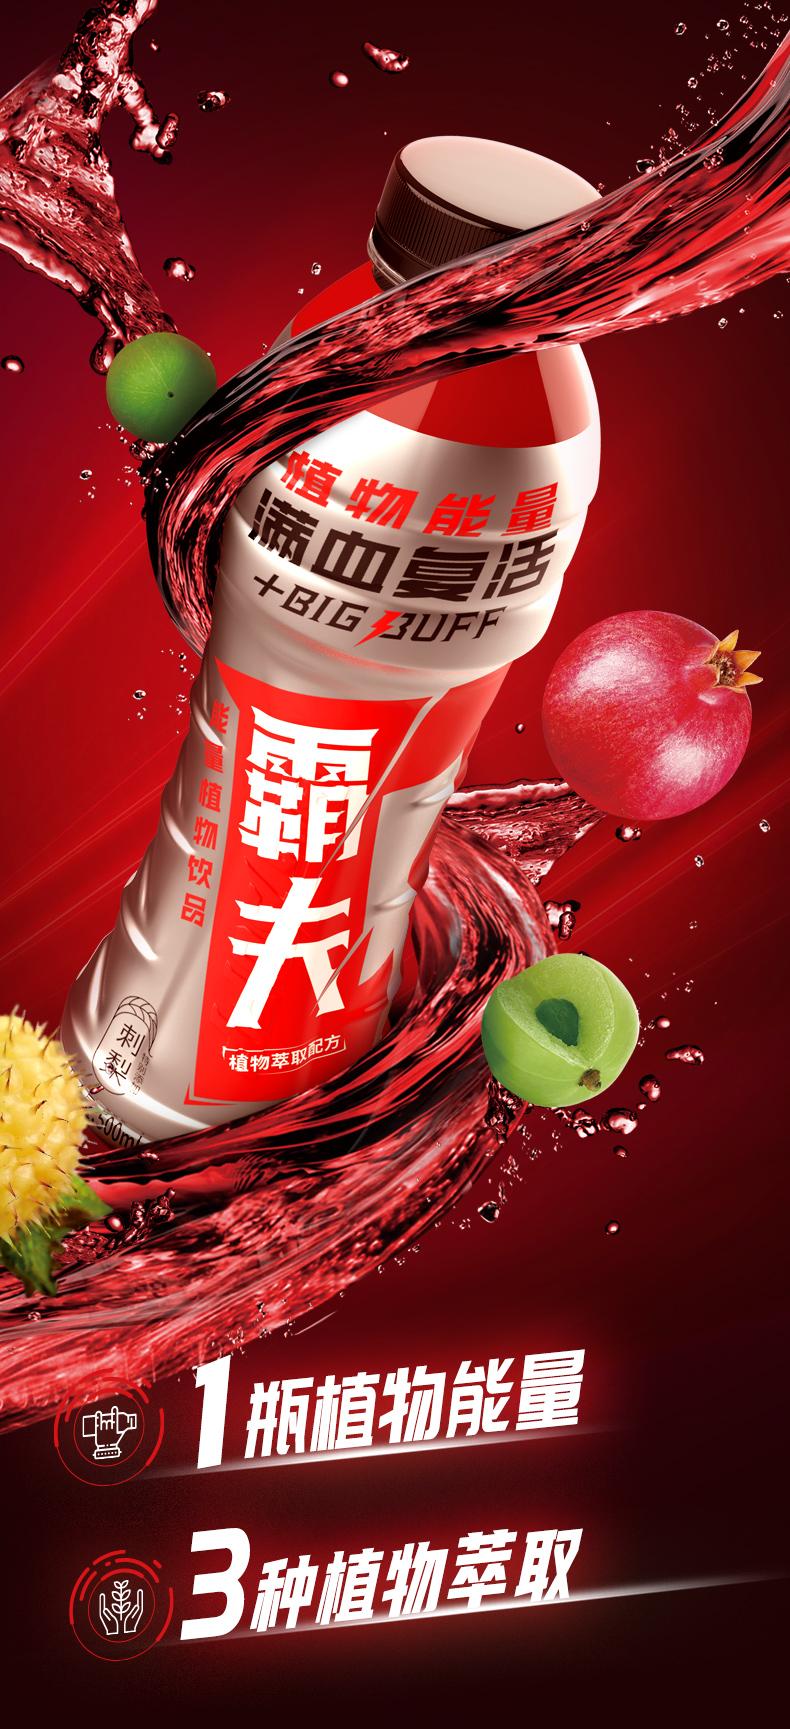 新希望 BIGBUFF 0蔗糖植物能量维生素功能饮料 4瓶 图1